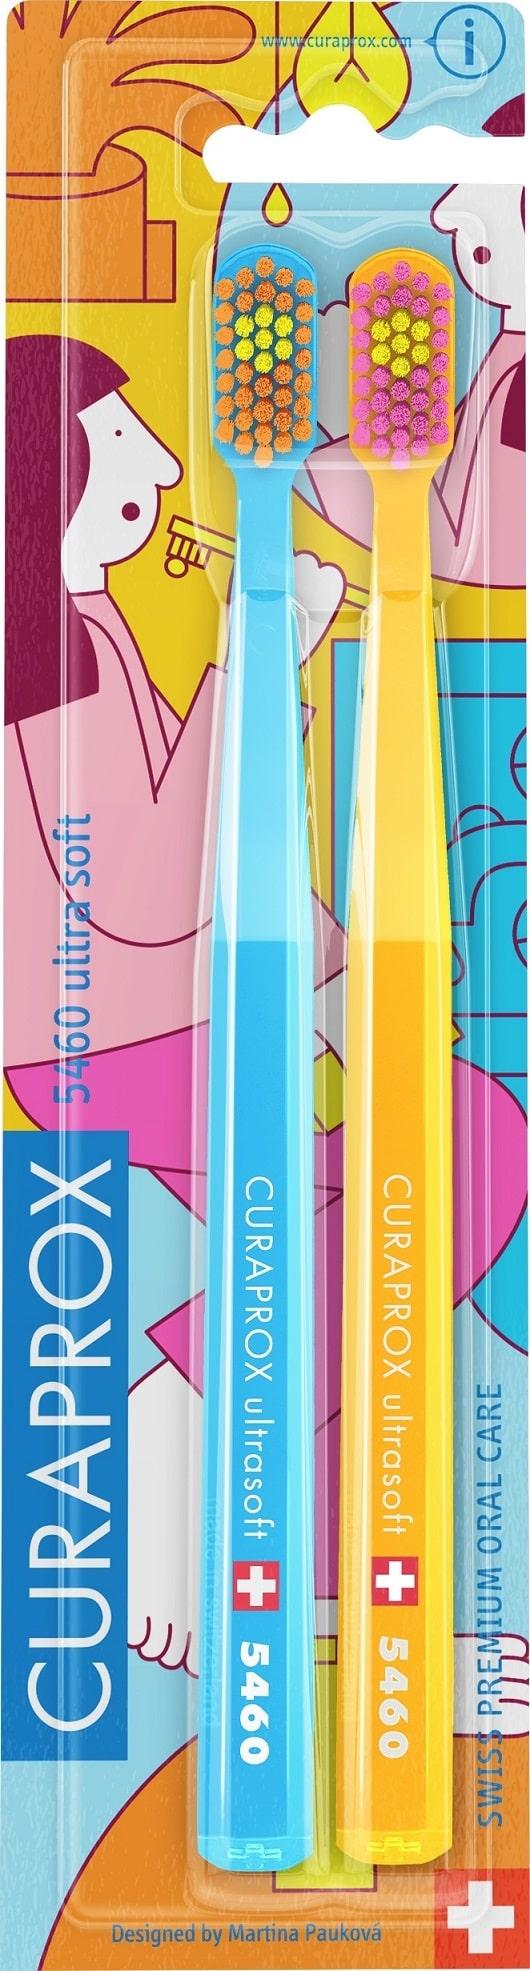 Curaprox Набор зубных щеток CS Duo Bathroom Ultra Soft, 2 шт (Curaprox, Мануальные зубные щетки)